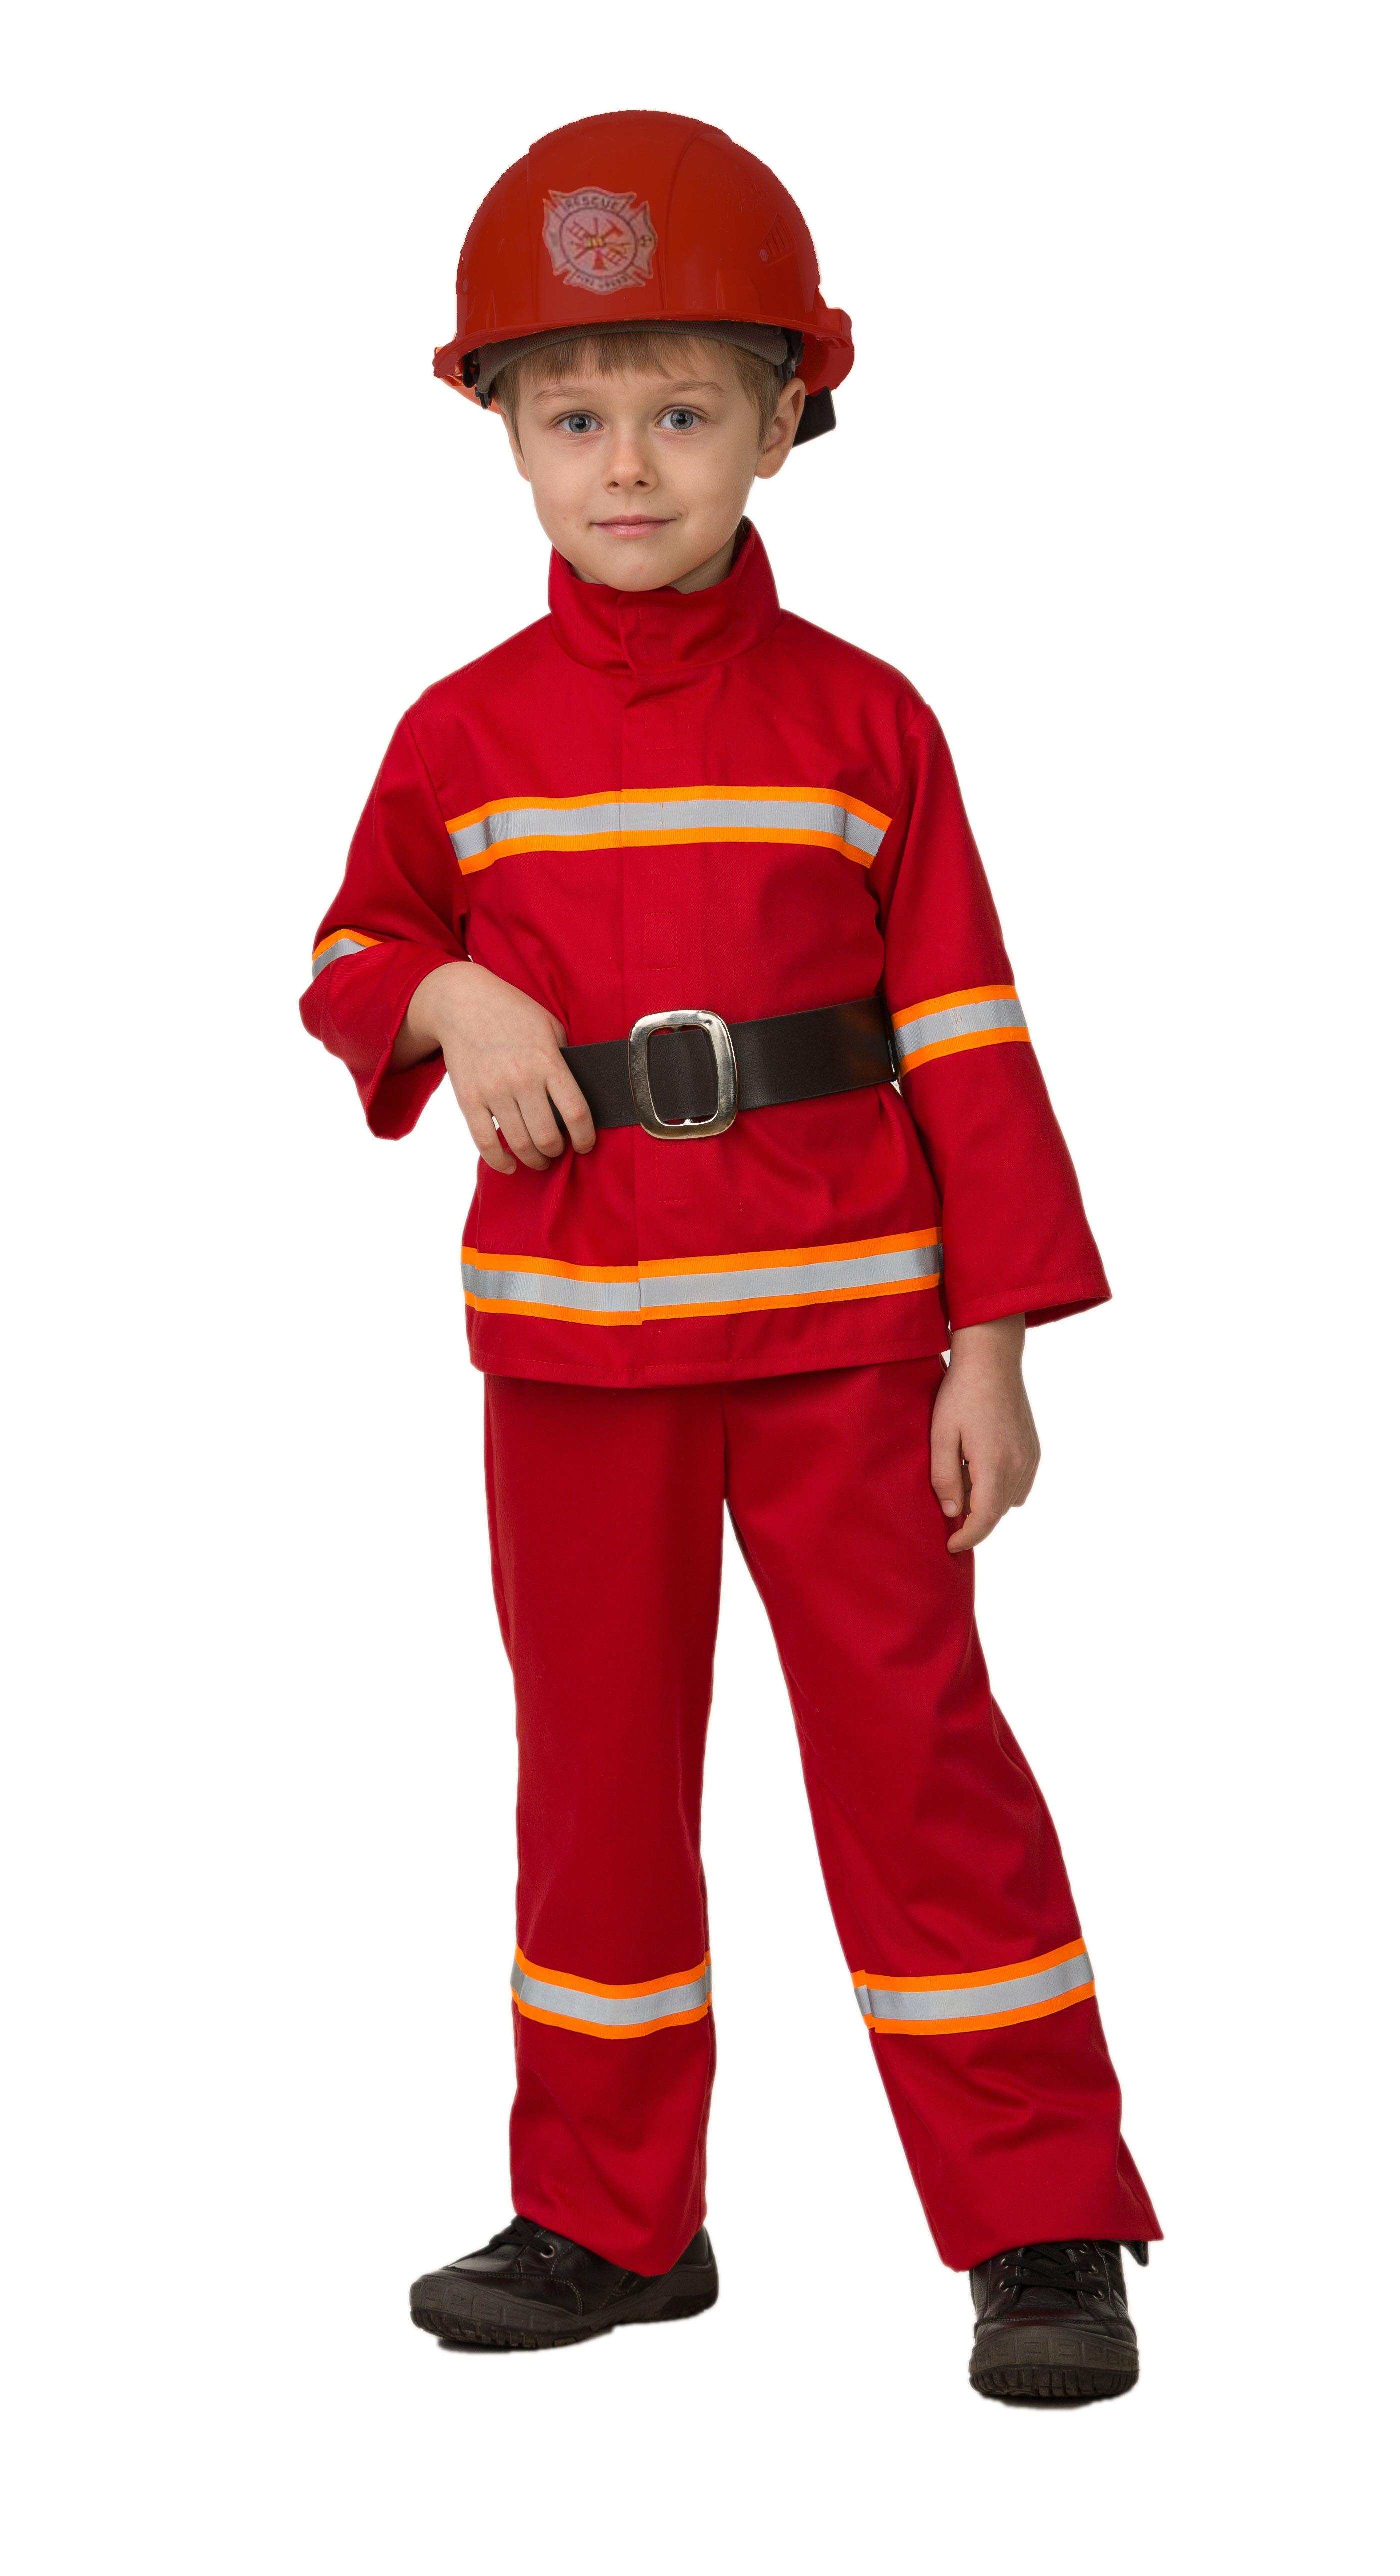 Детский костюм Красного Пожарного (38) детский костюм гонщицы даники патрик 38